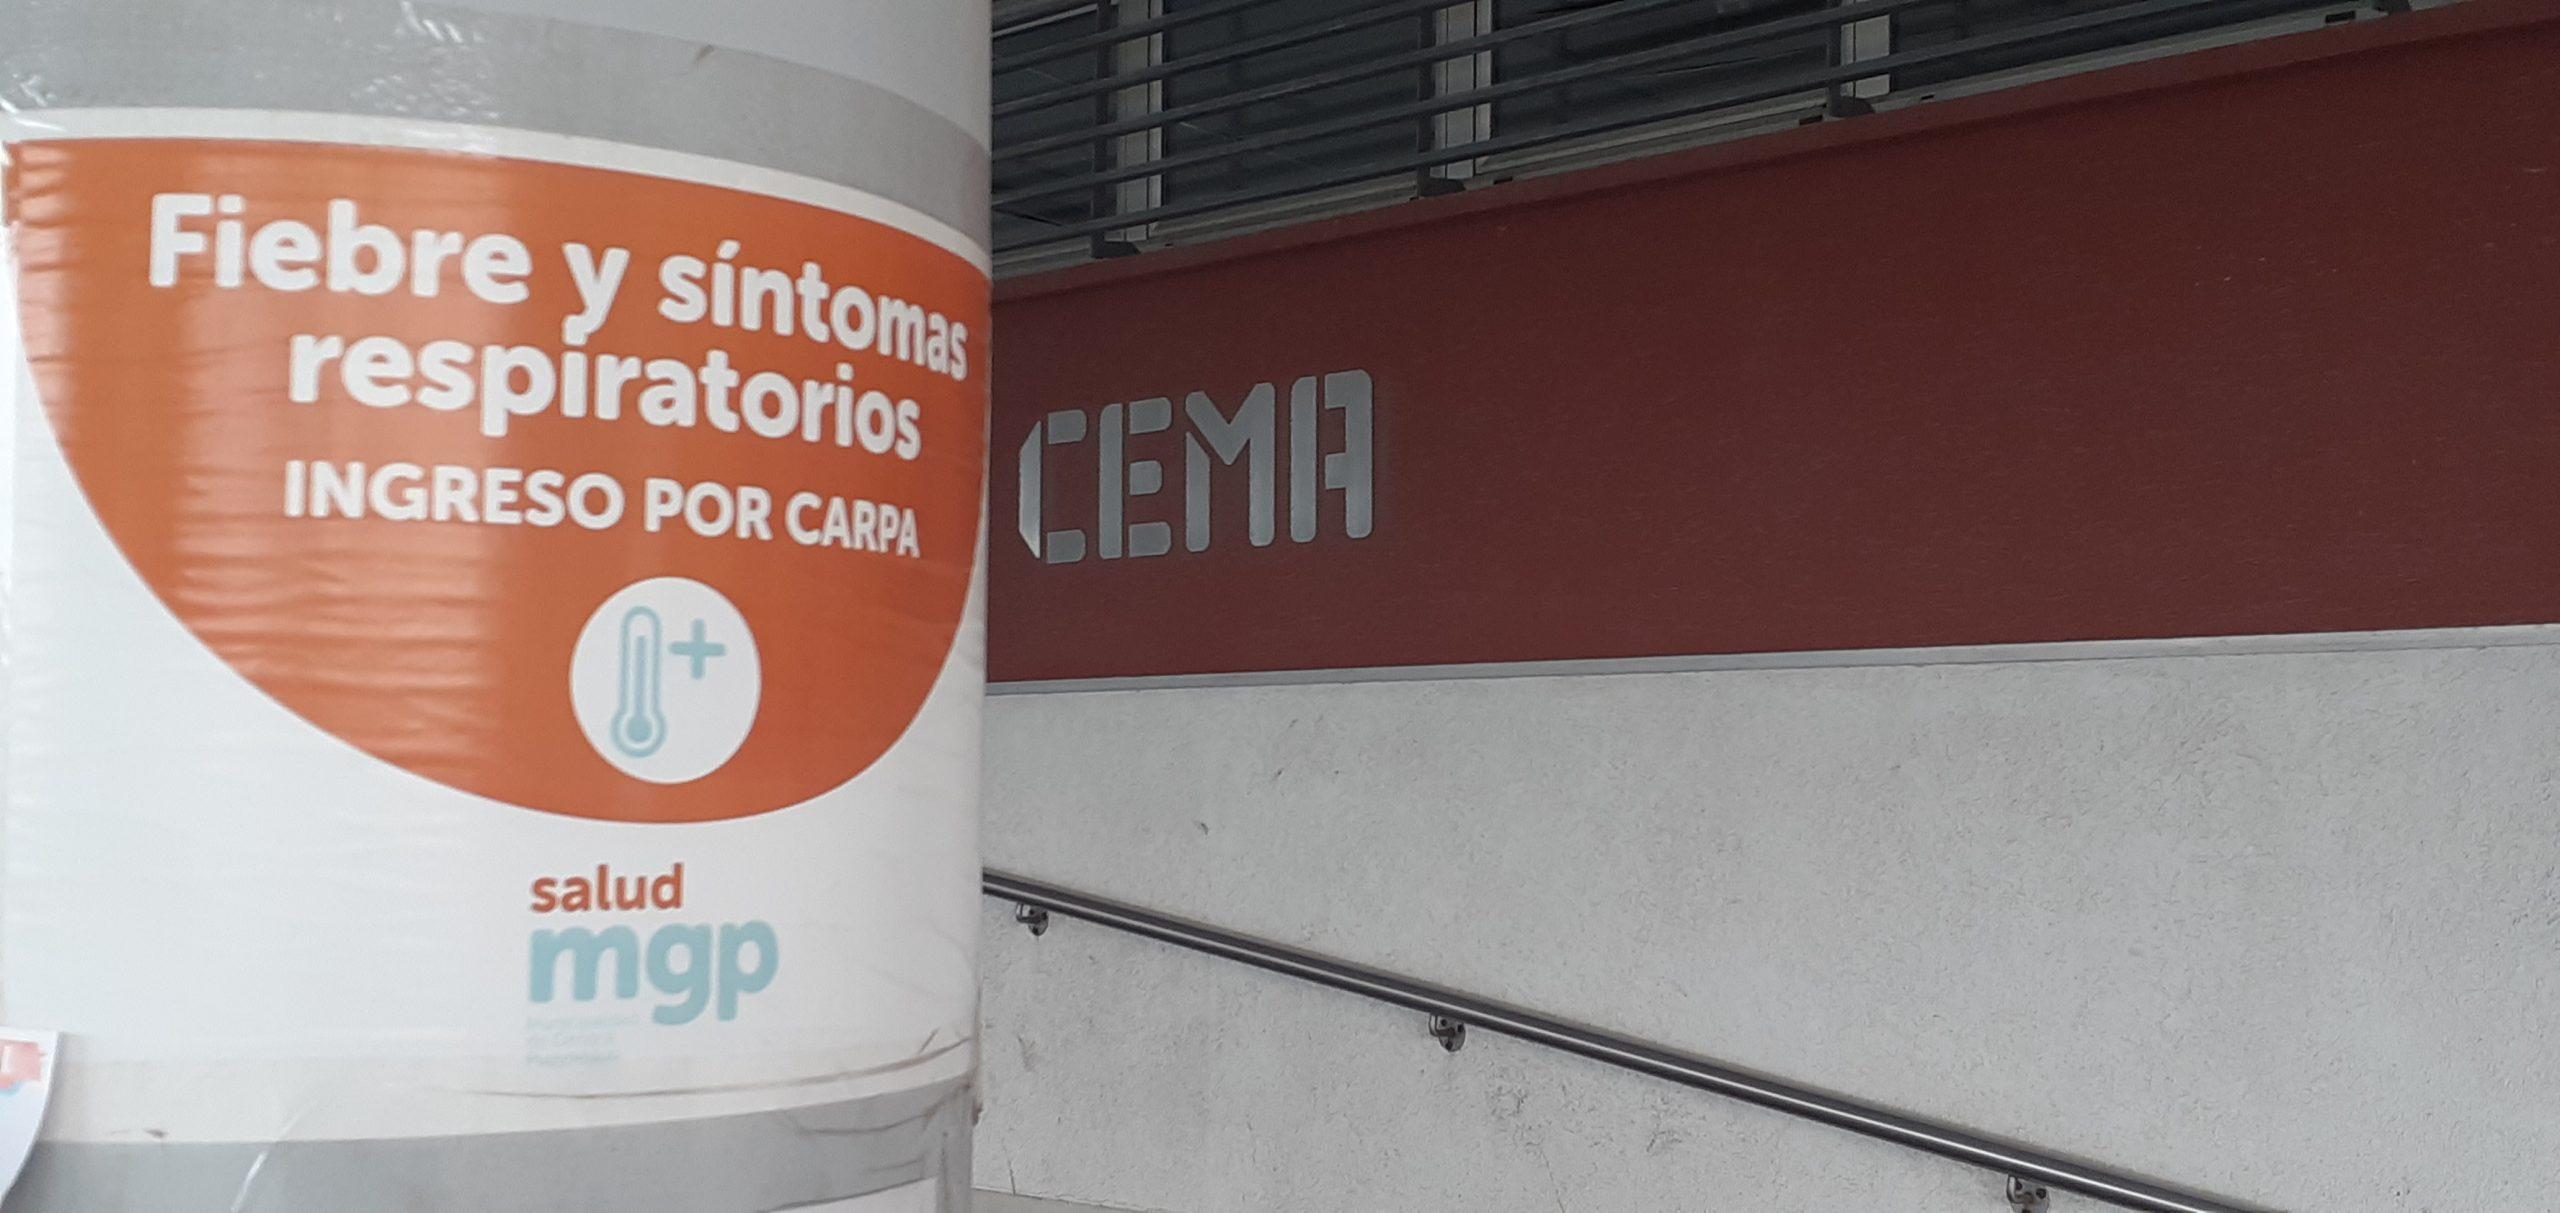 Mar del Plata: 175 contagios y no se reportaron fallecimientos